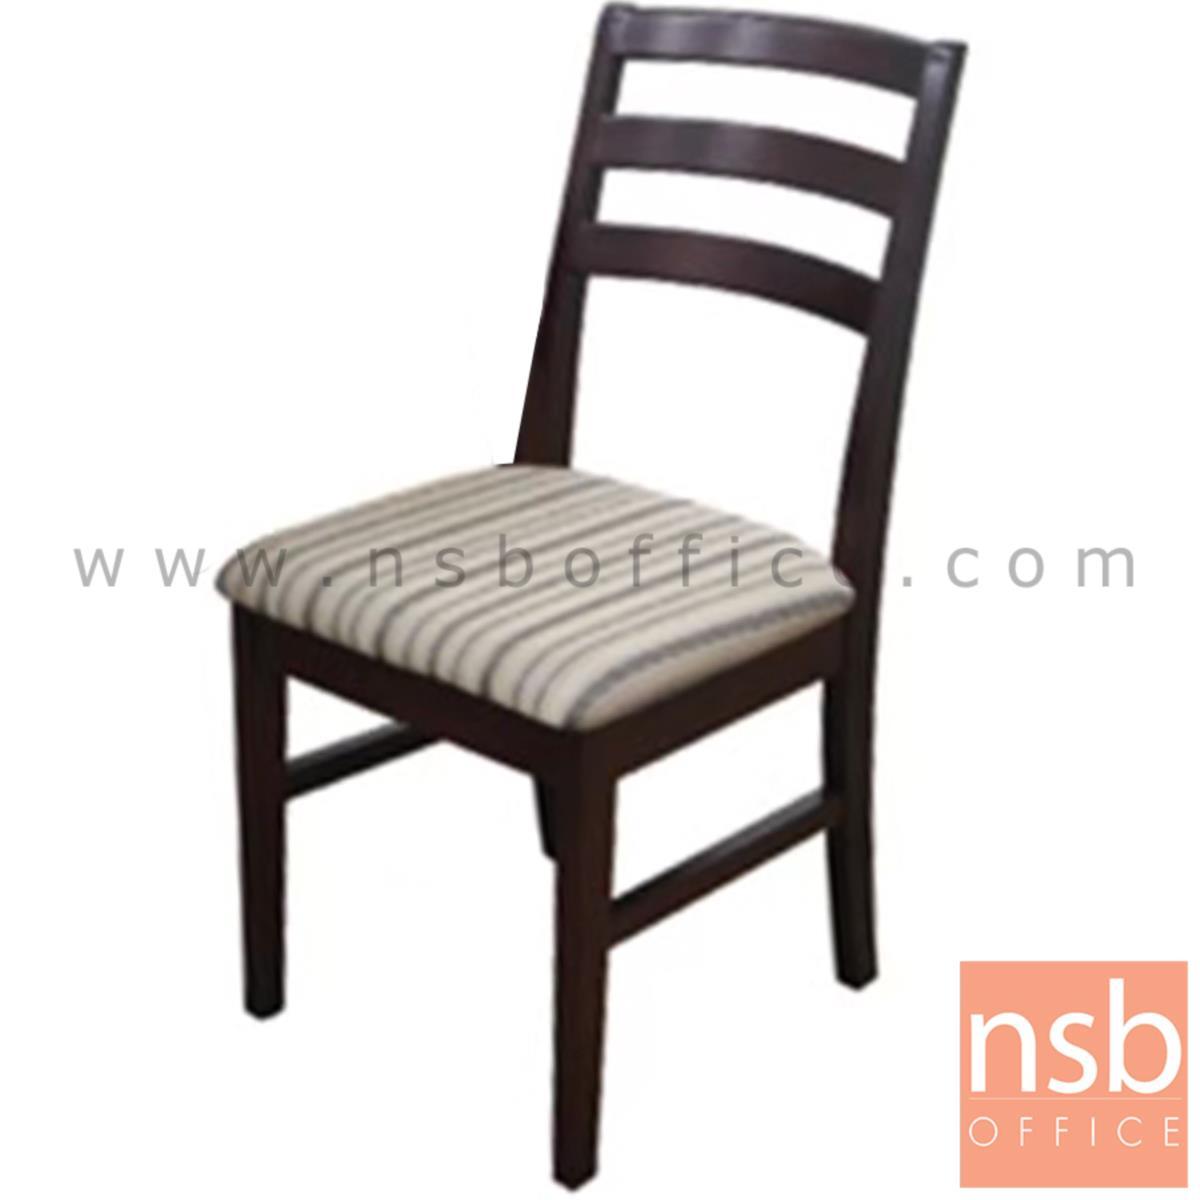 B22A158:เก้าอี้ไม้ที่นั่งหนังเทียม รุ่น VROY   ขาไม้ สีโอ๊ค